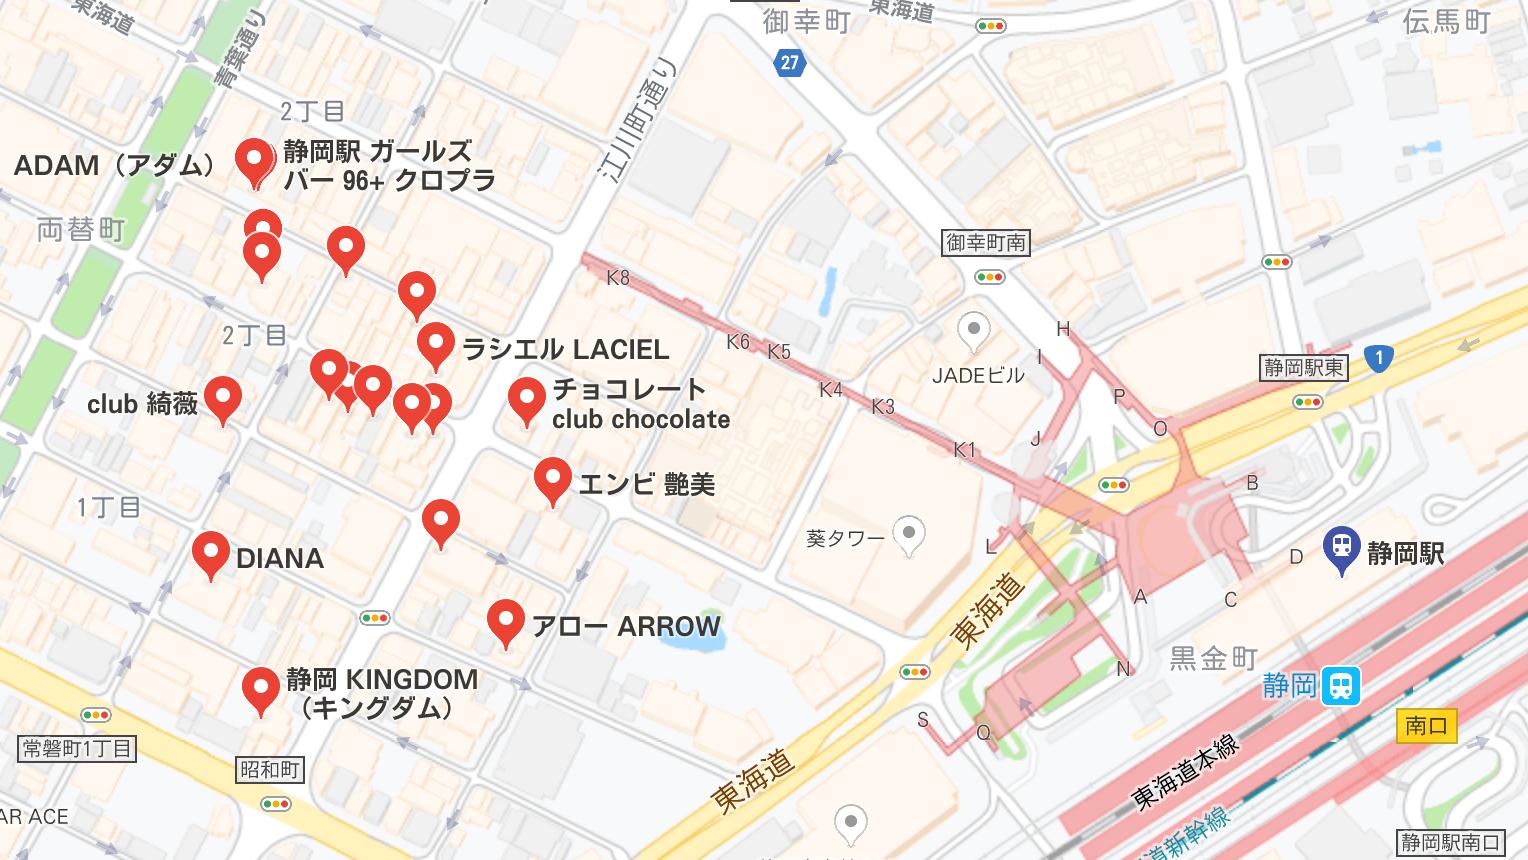 静岡駅 キャバクラ